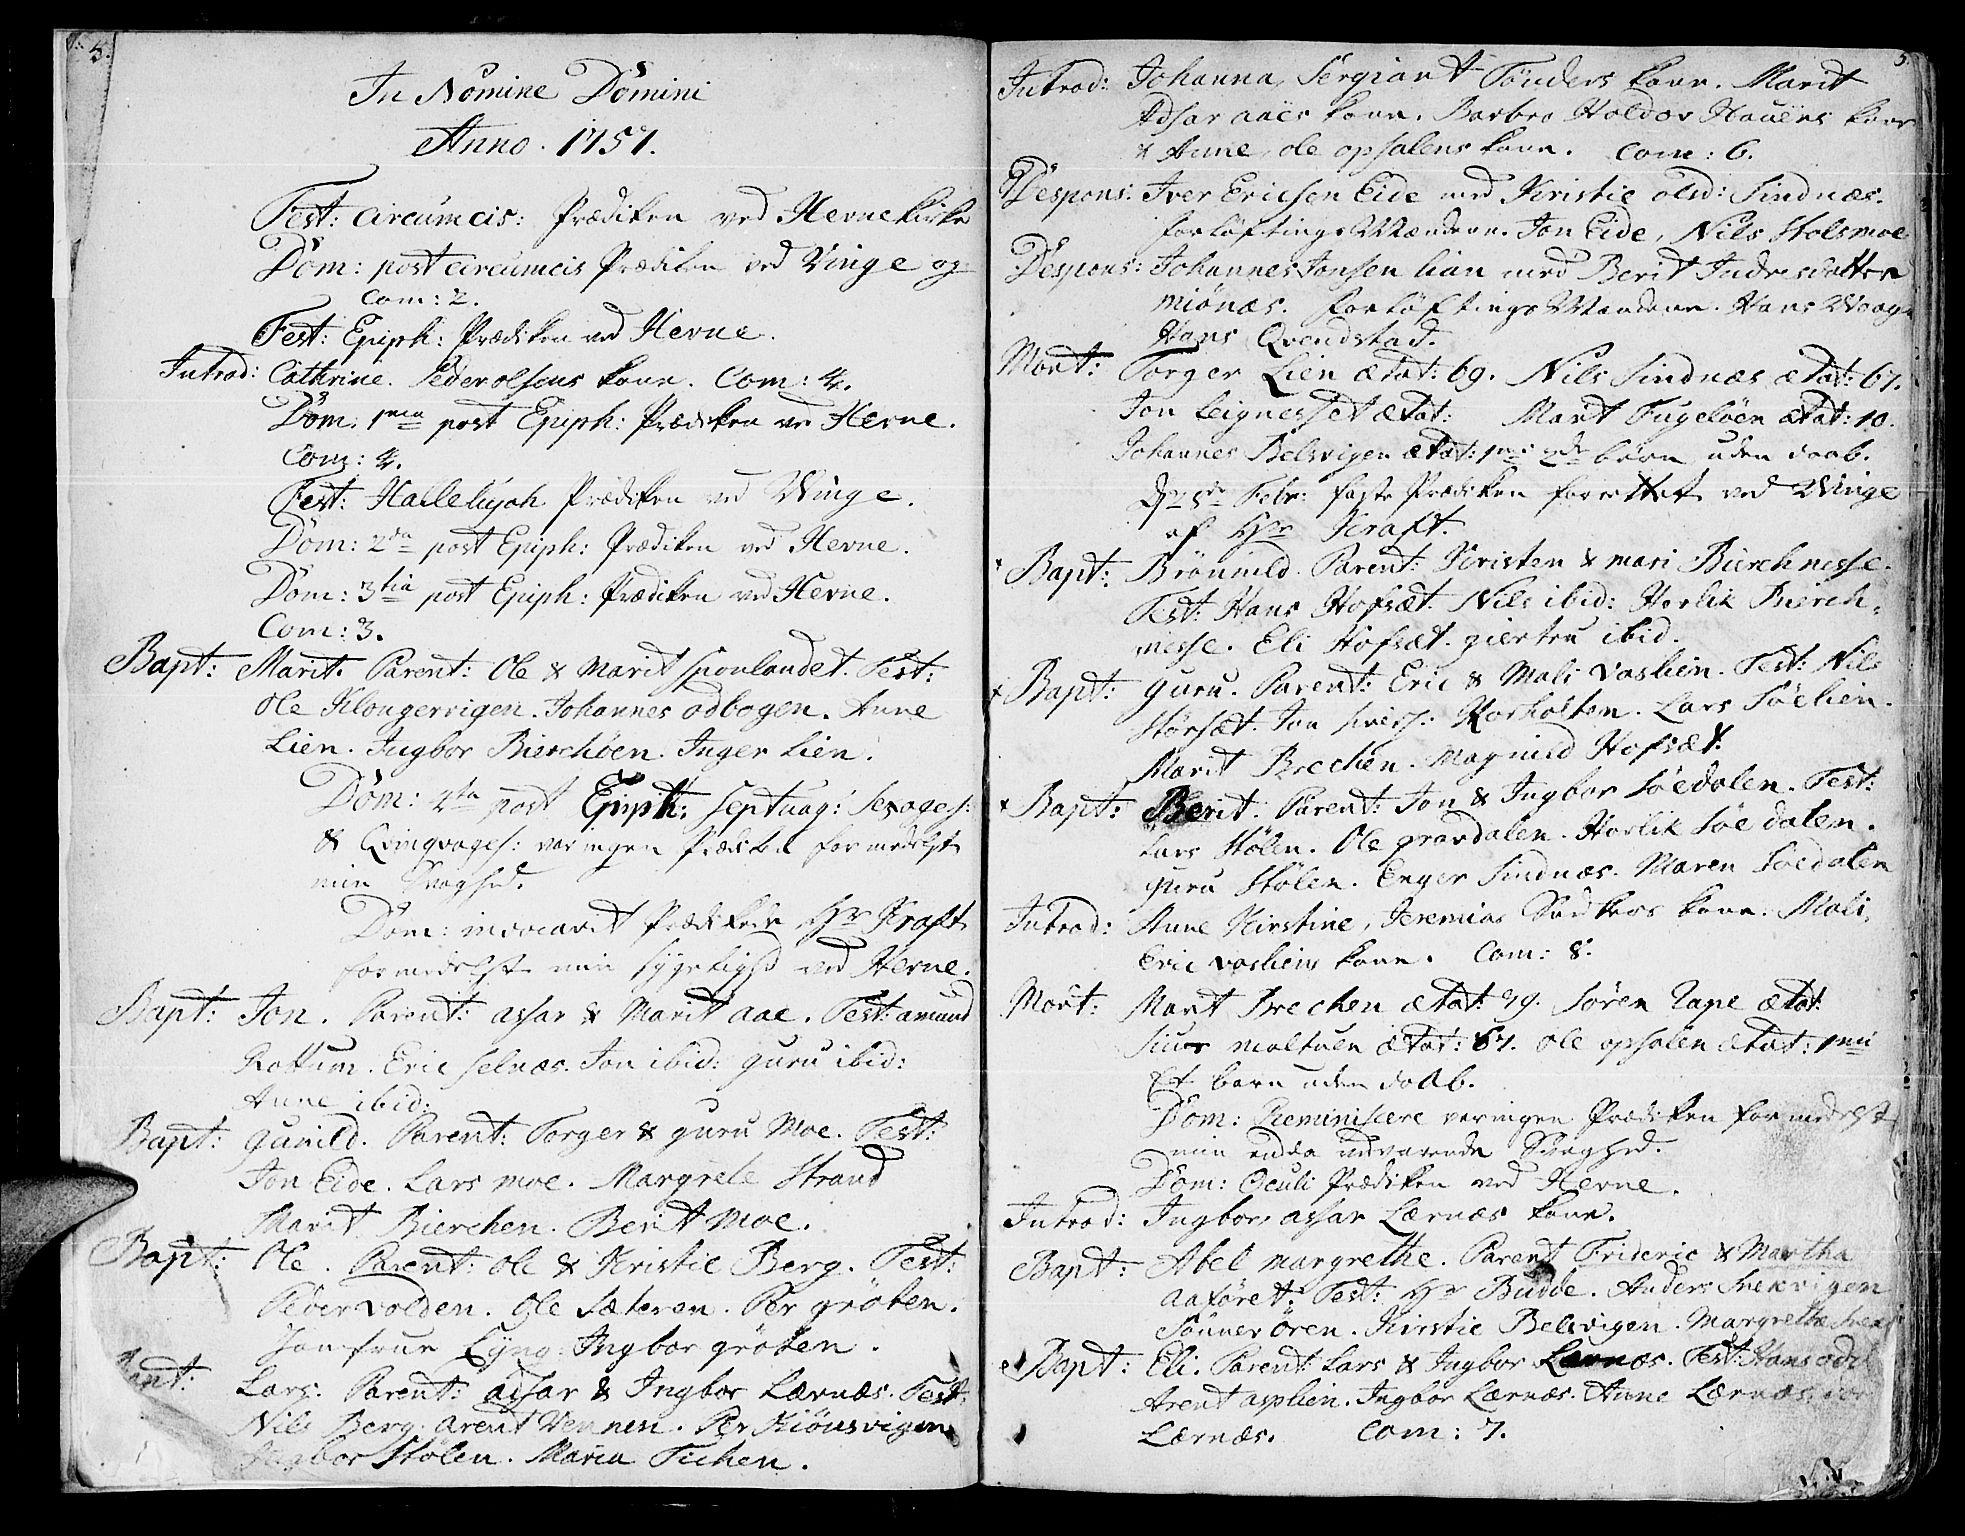 SAT, Ministerialprotokoller, klokkerbøker og fødselsregistre - Sør-Trøndelag, 630/L0489: Ministerialbok nr. 630A02, 1757-1794, s. 4-5